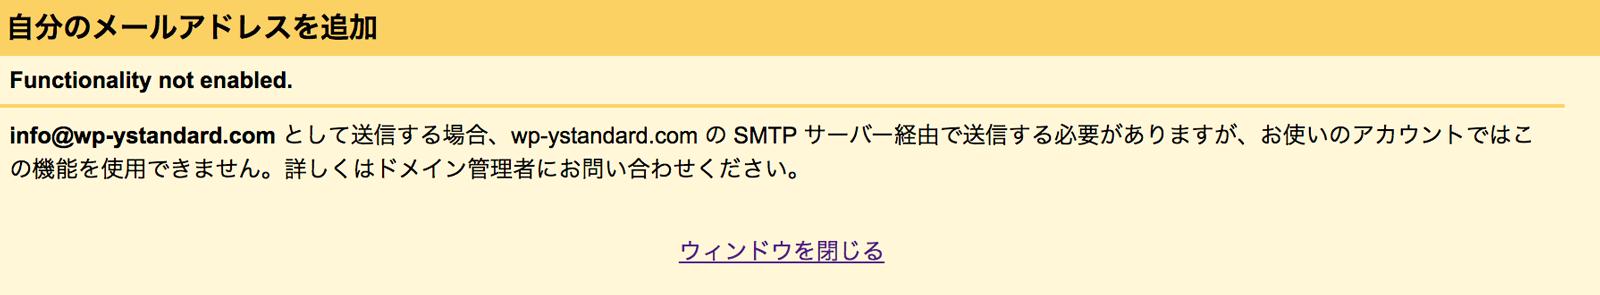 G Suiteで外部メールアドレスを送信アドレスとして追加出来ない